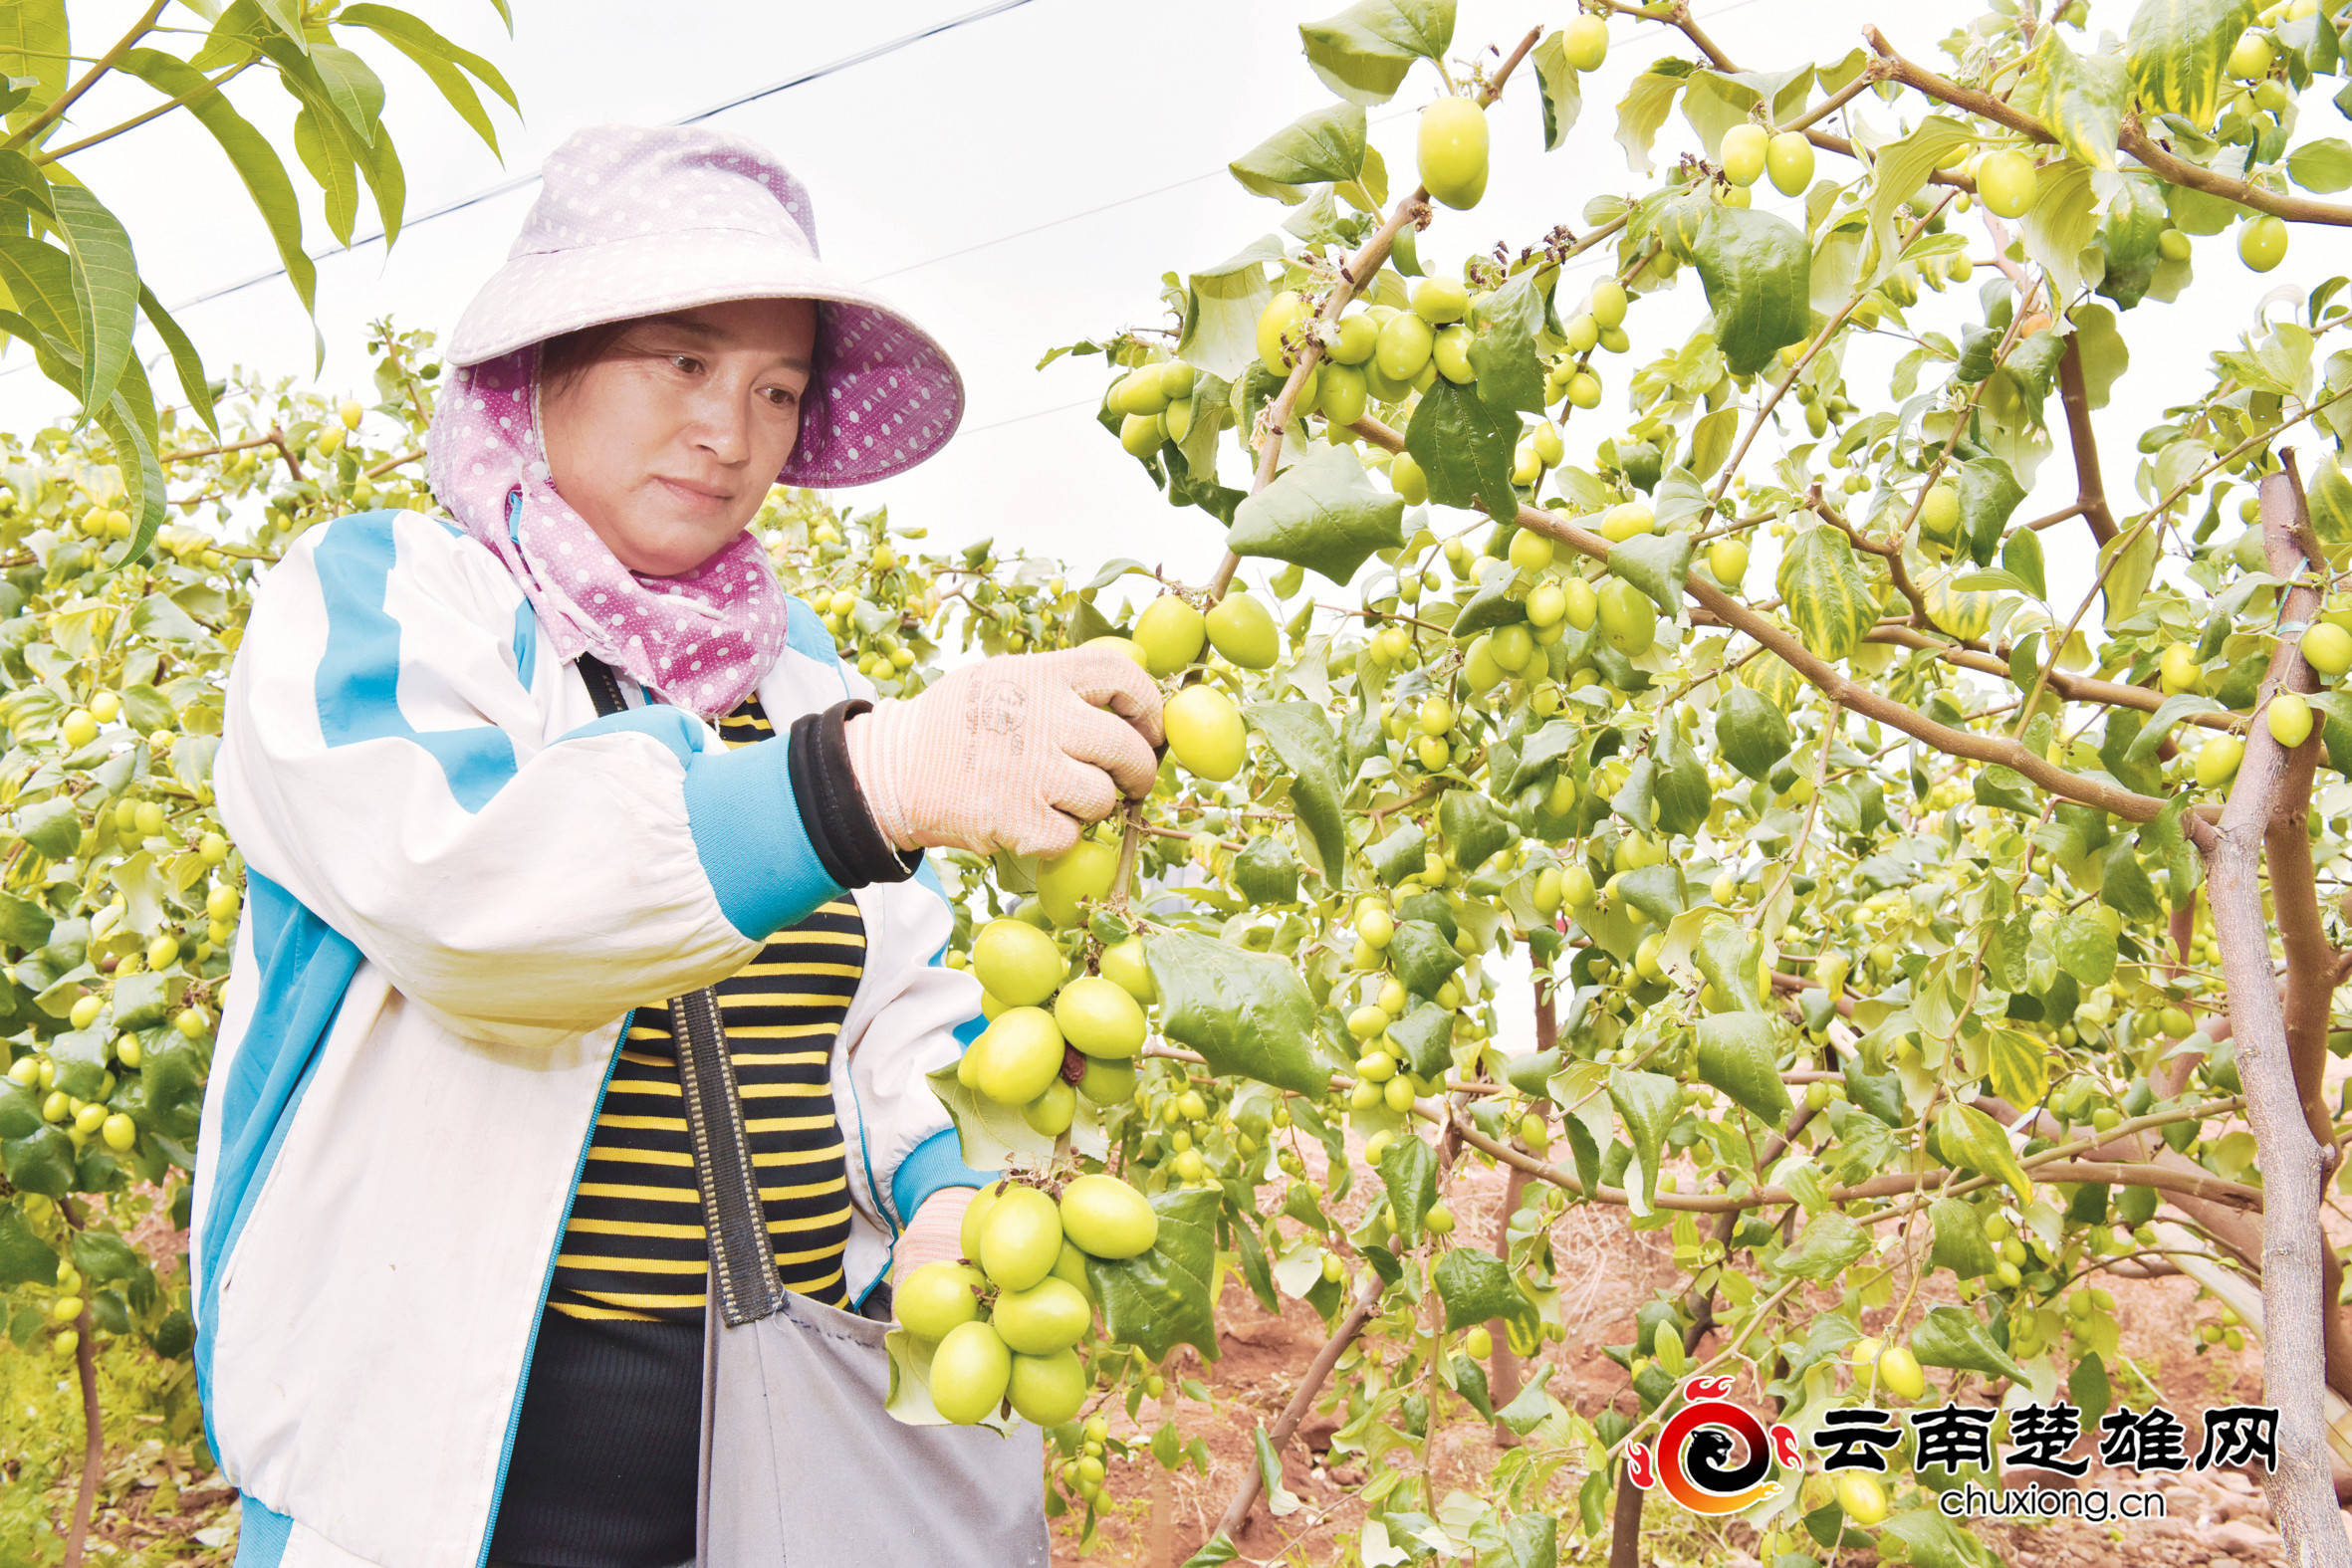 元谋县上万亩青枣成熟上市